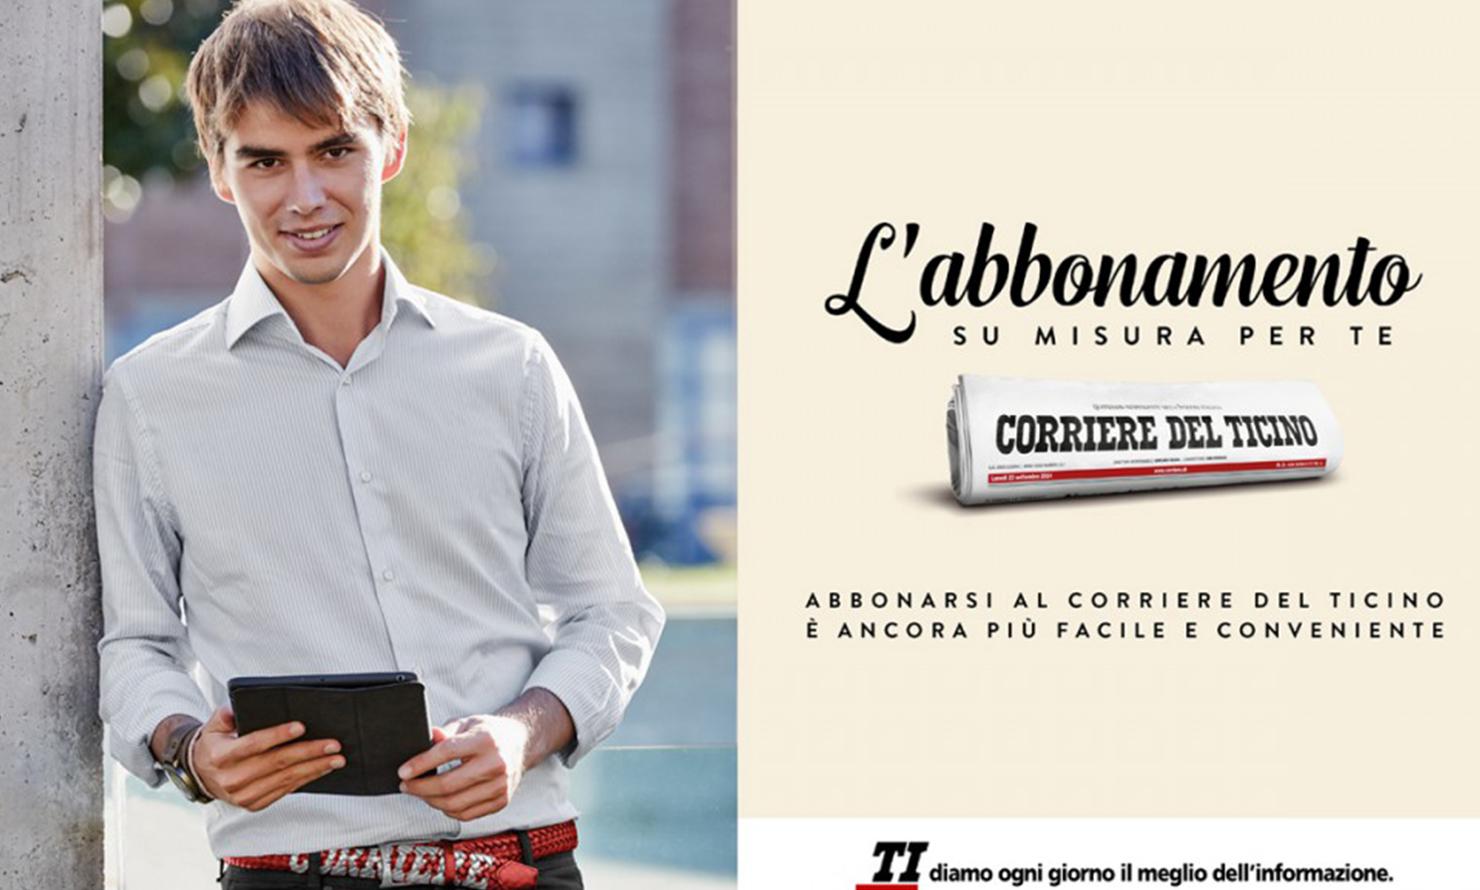 https://kubelibre.com/uploads/Slider-work-tutti-clienti/corriere-del-ticino-l-abbonamento-su-misura-per-te-7.jpg